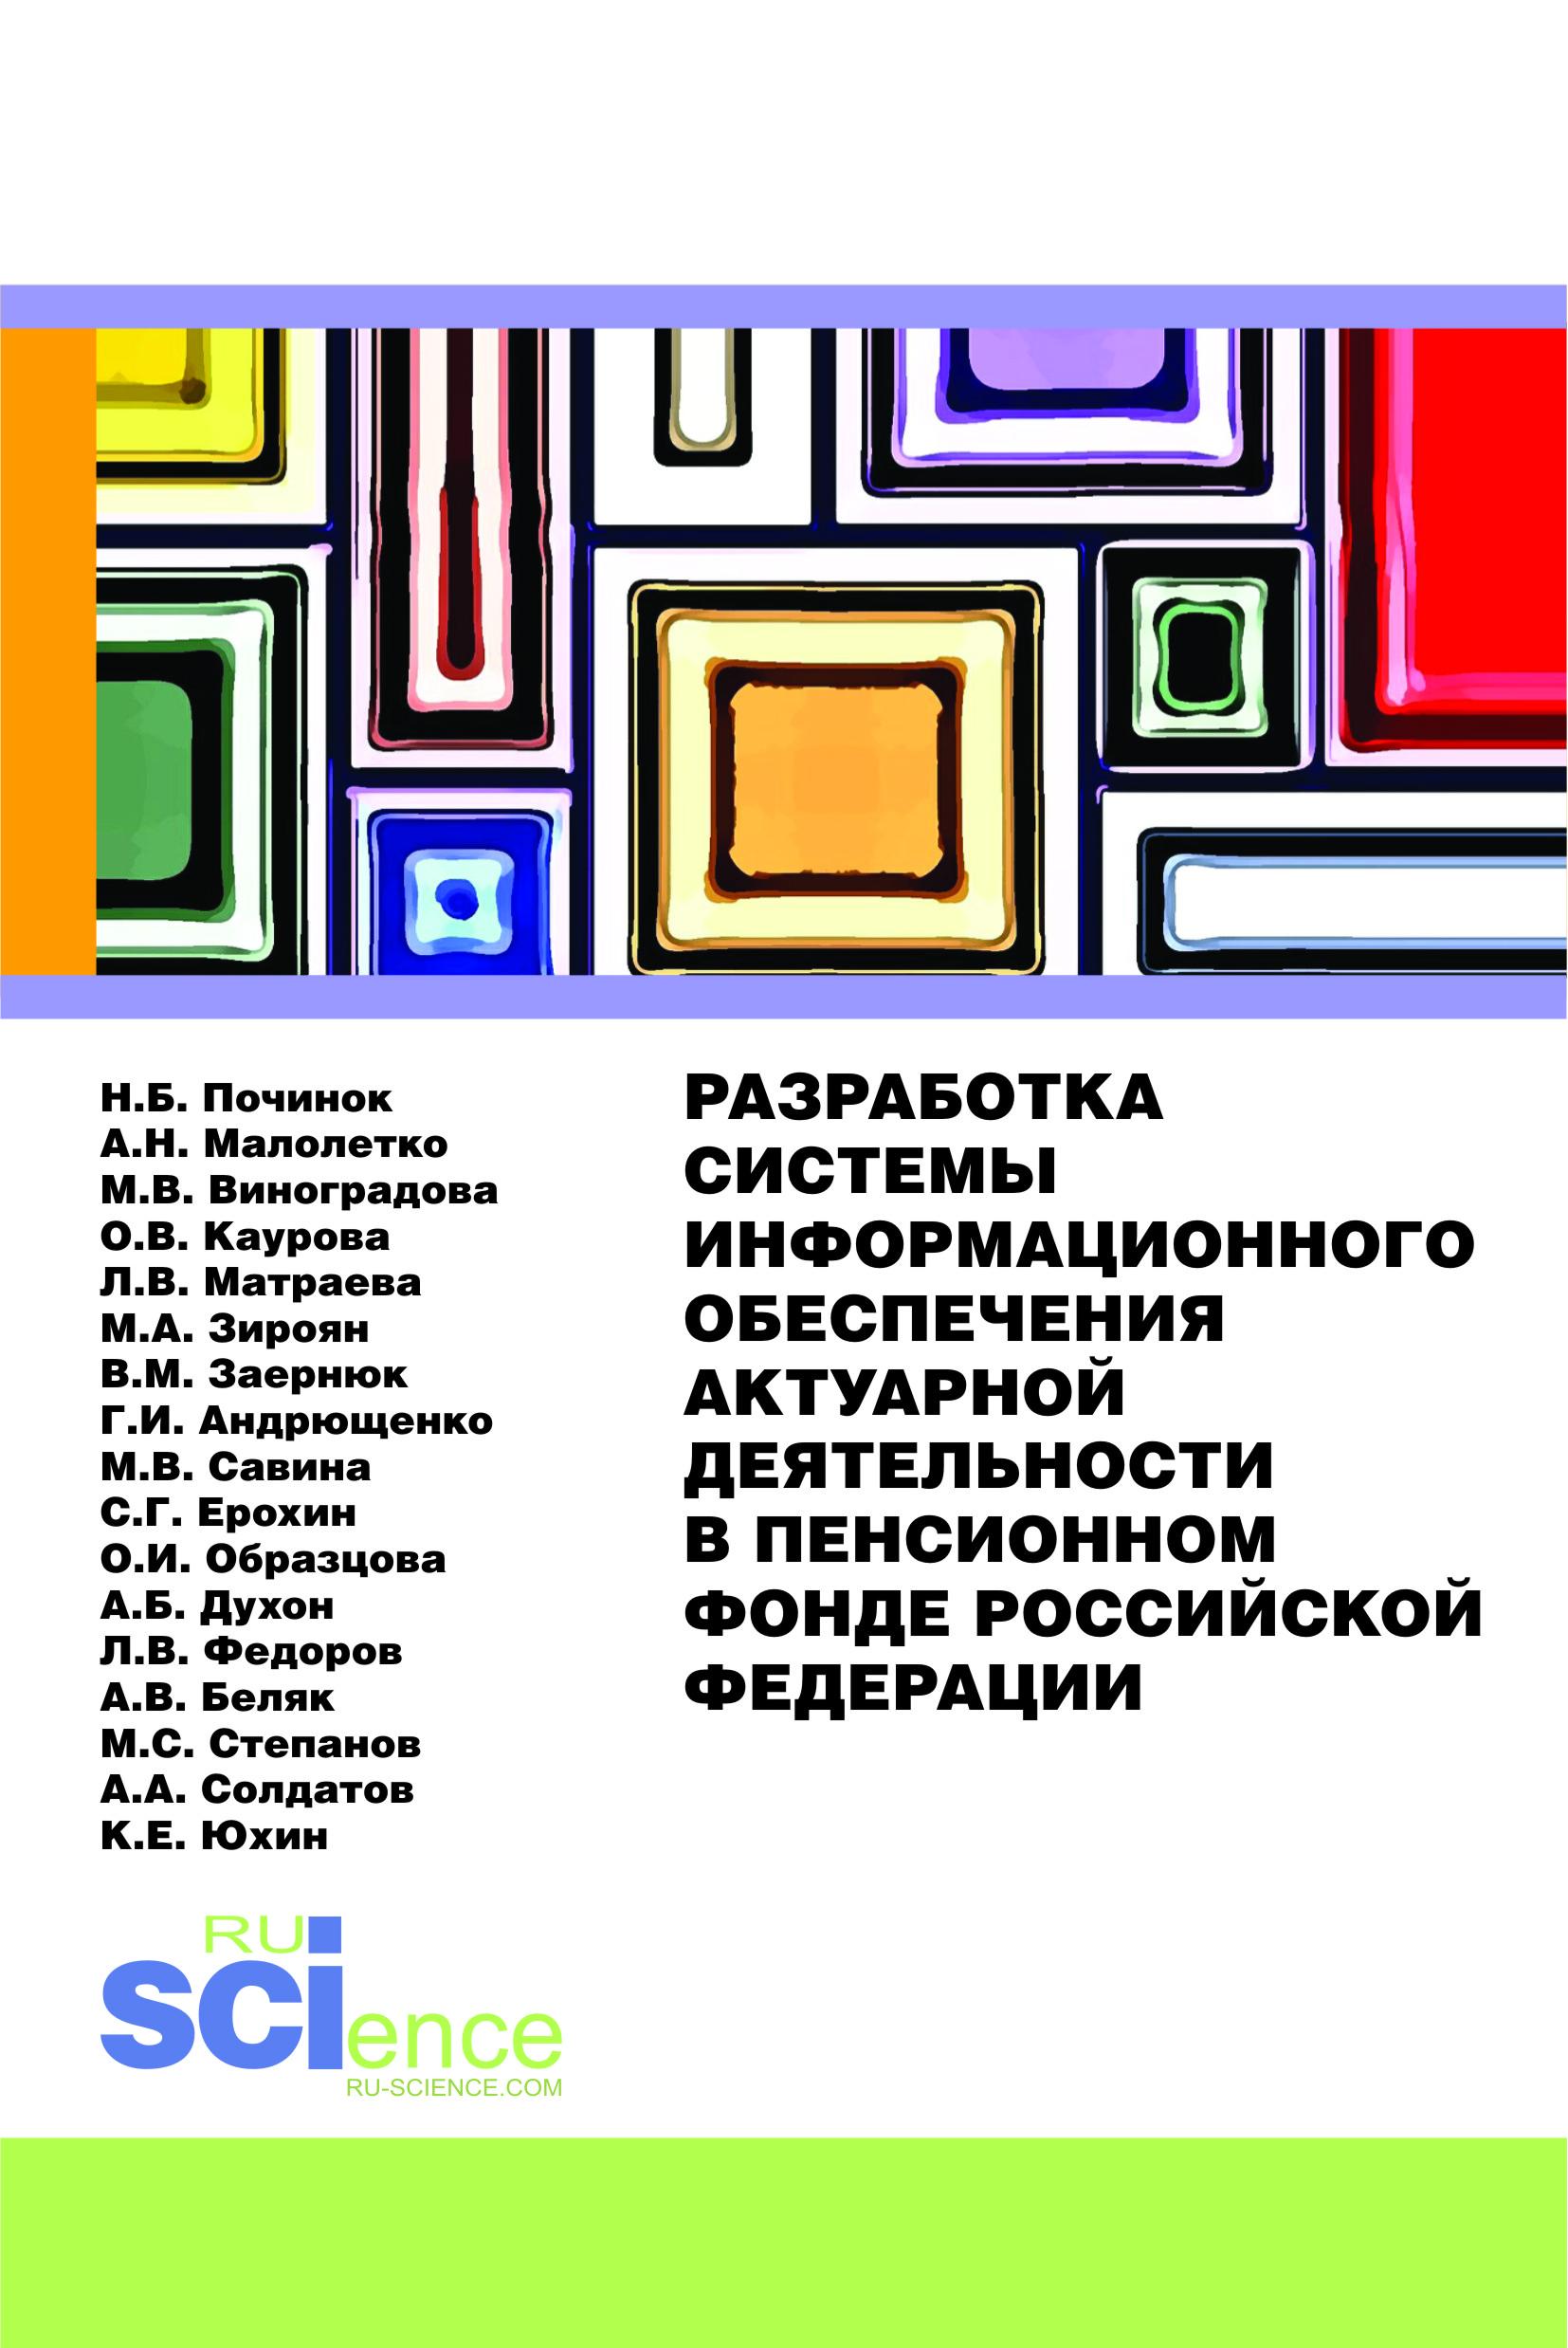 Разработка системы информационного обеспечения актуарной деятельности в Пенсионном фонде Российской Федерации. Монография